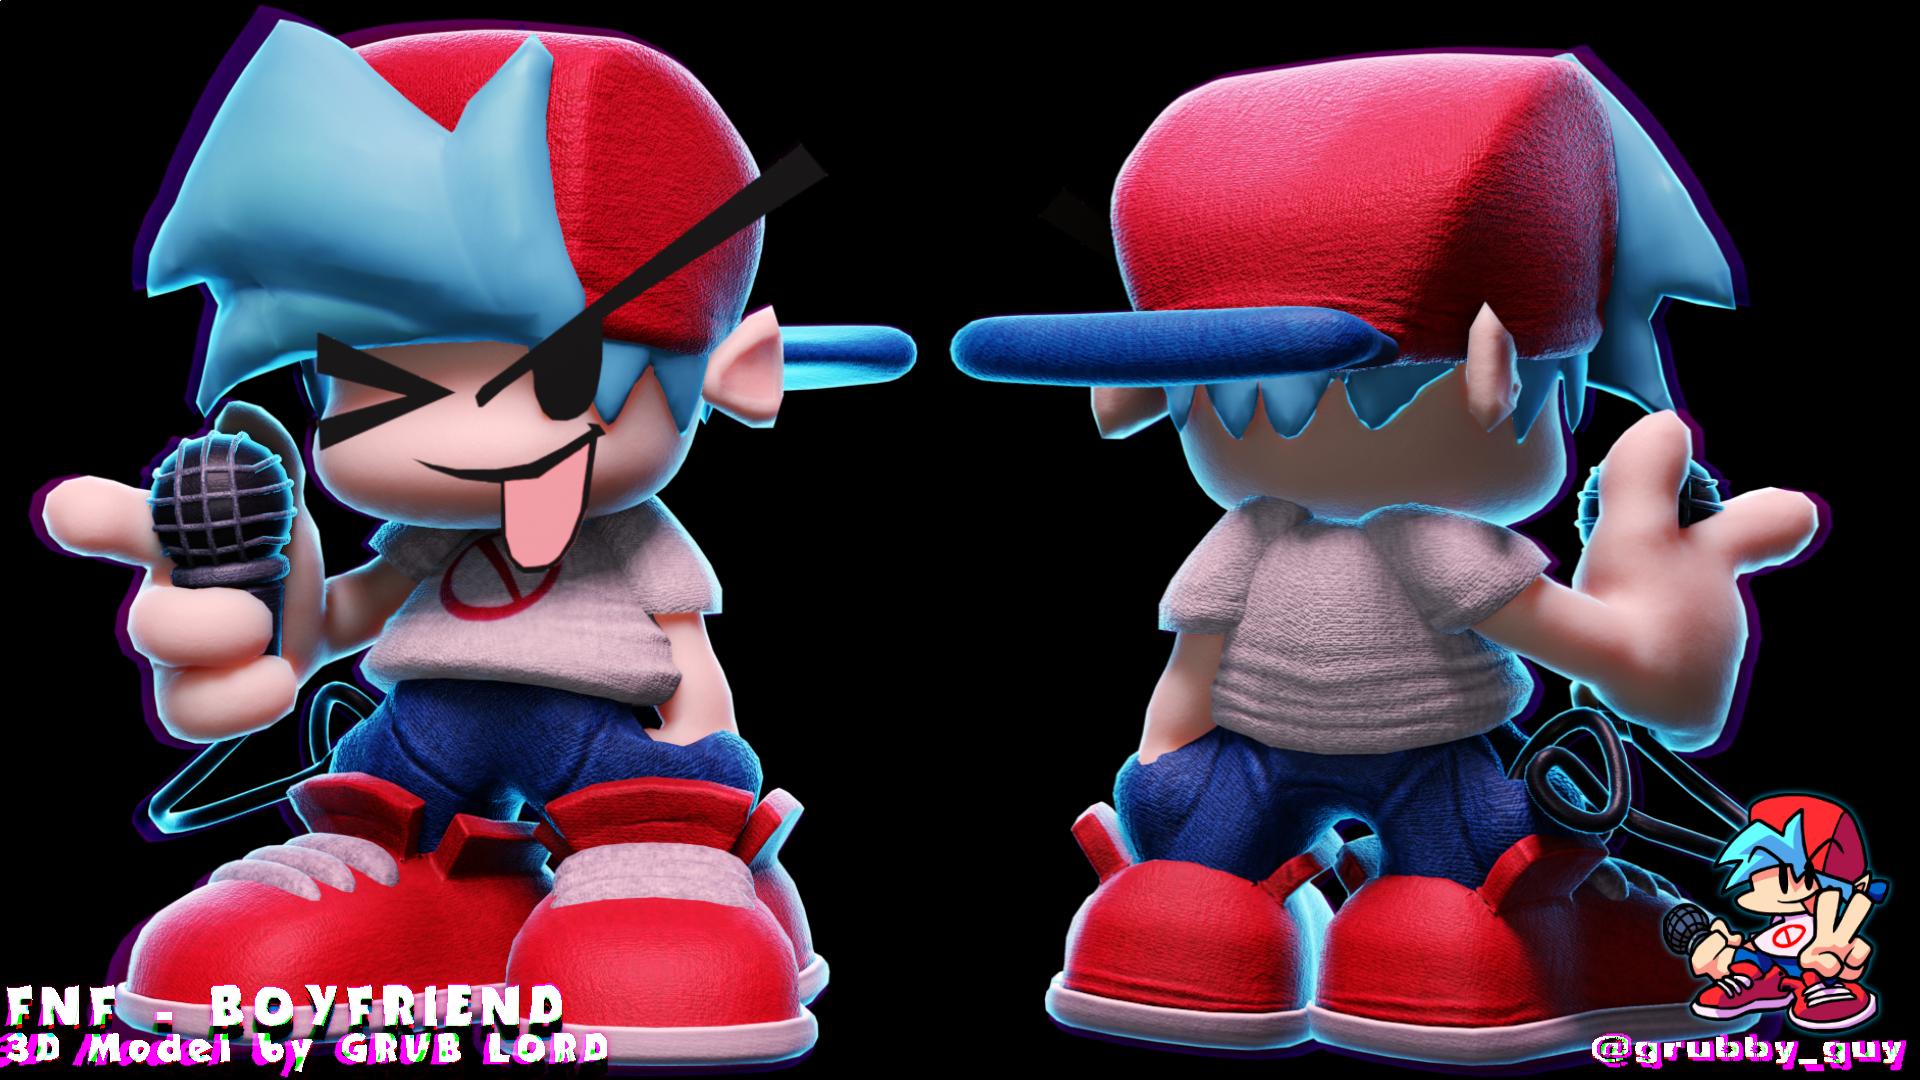 FNF - BOYFRIEND 3D MODEL!